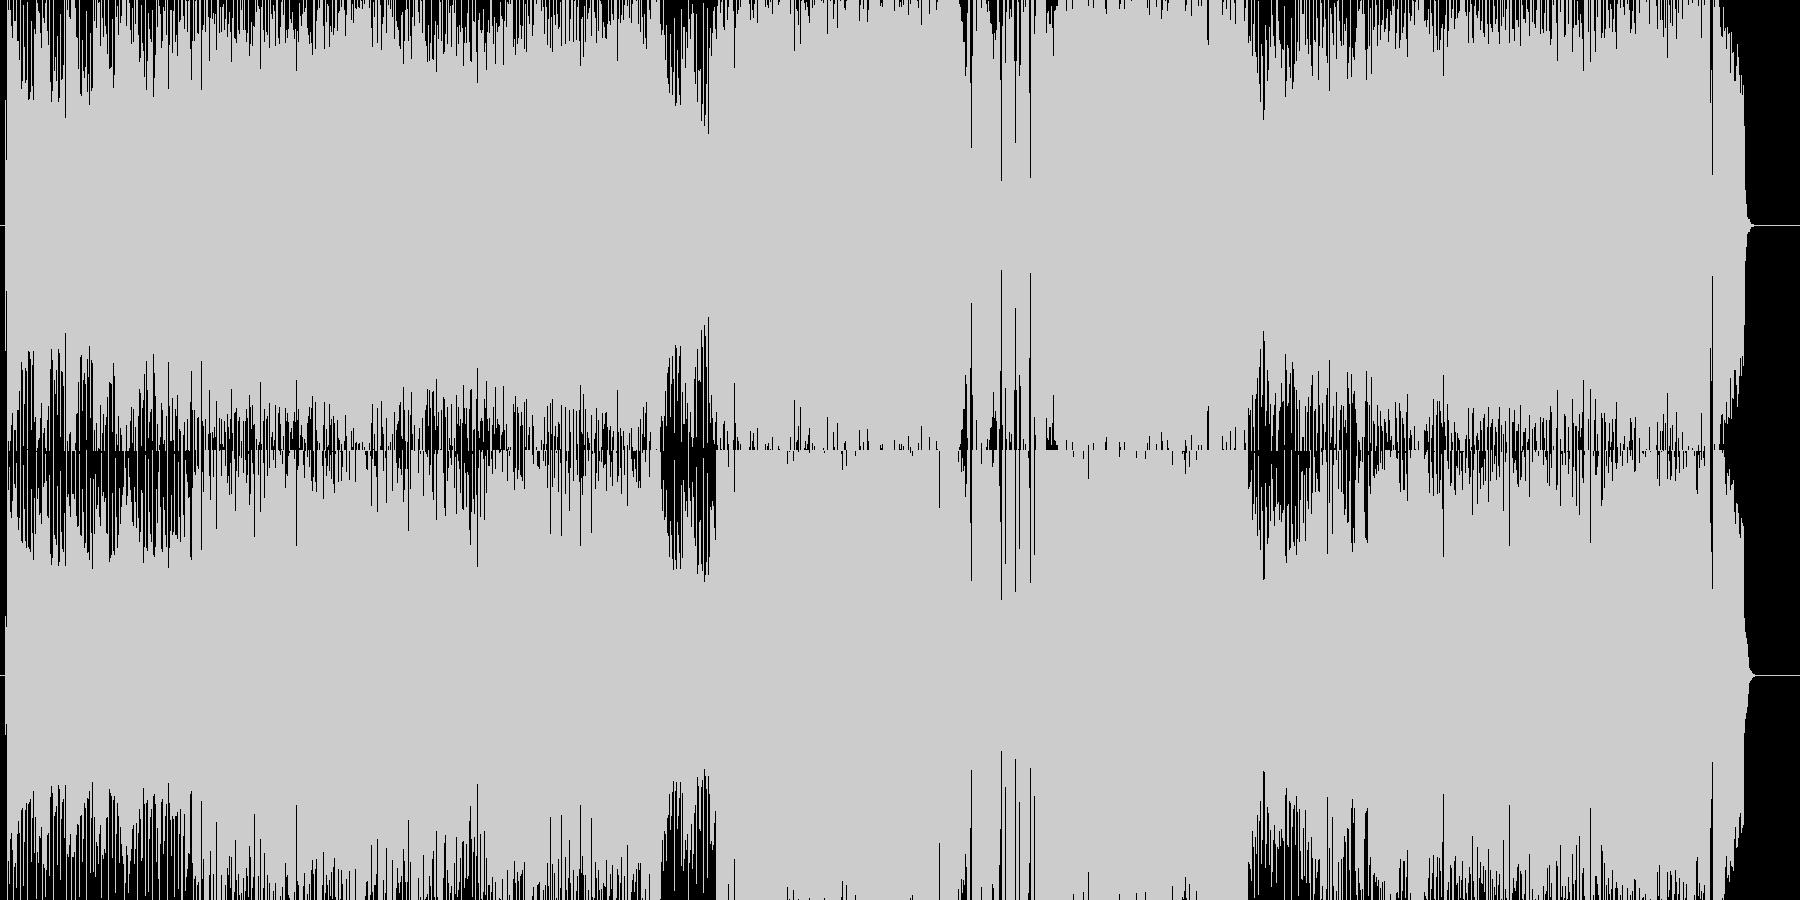 慌ただしく賑やかなレトロロックの未再生の波形